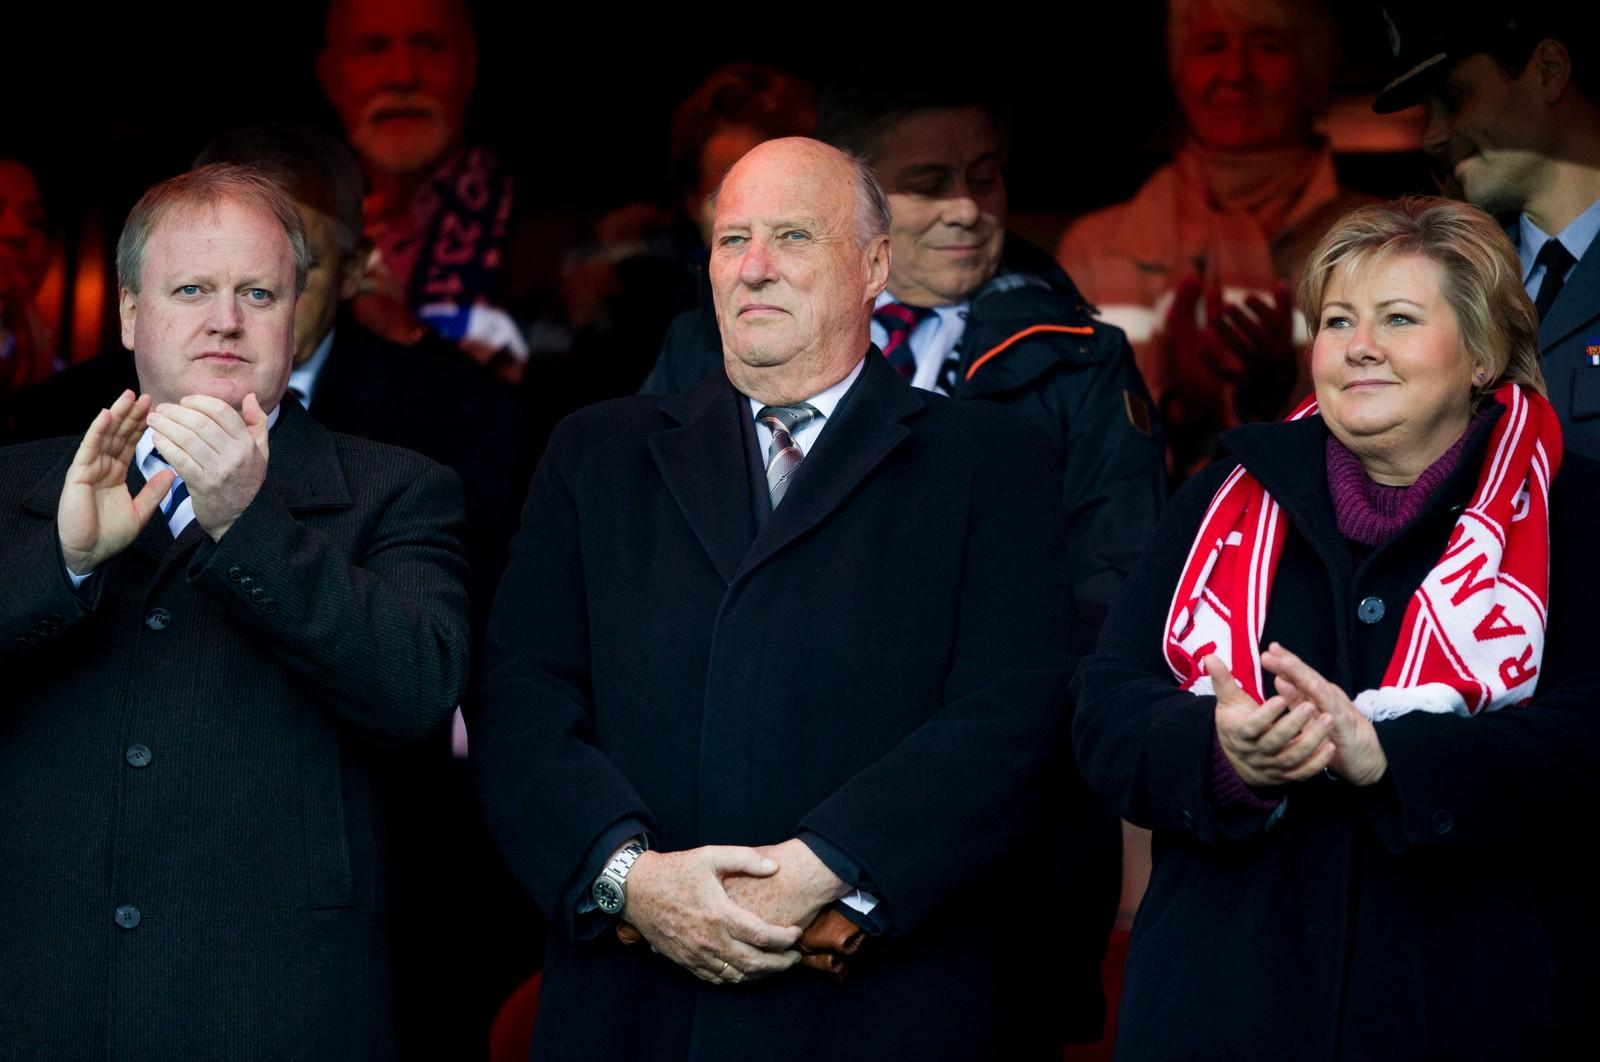 Statsminister Erna Solberg (f.h.), kong Harald og fotballpresident Yngve Hallén på tribunen.